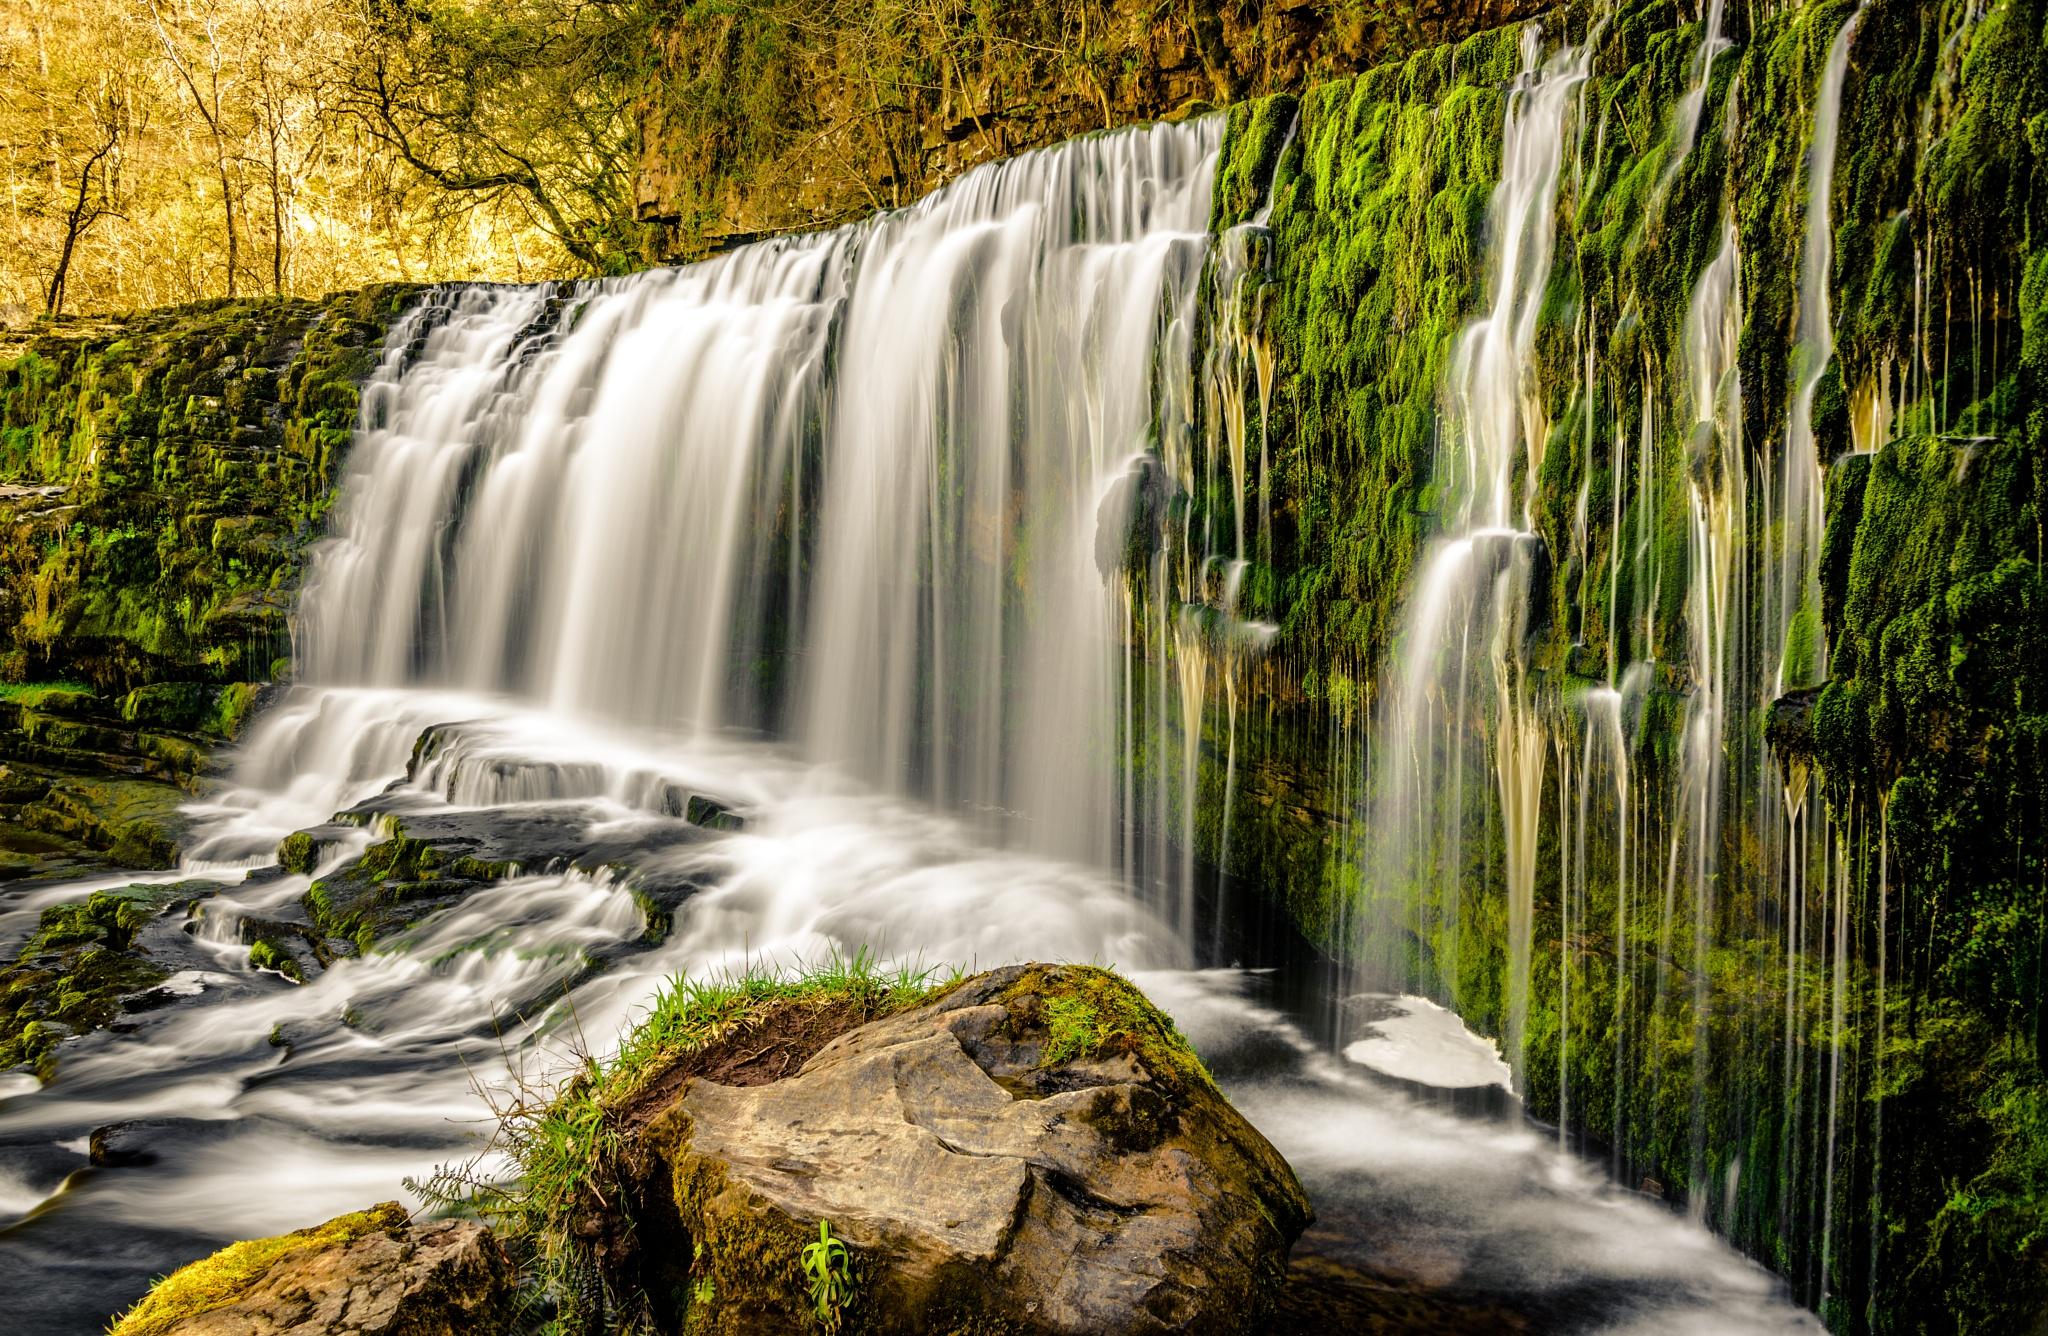 sgwd isaf clun gwyn waterfall by David Carpenter